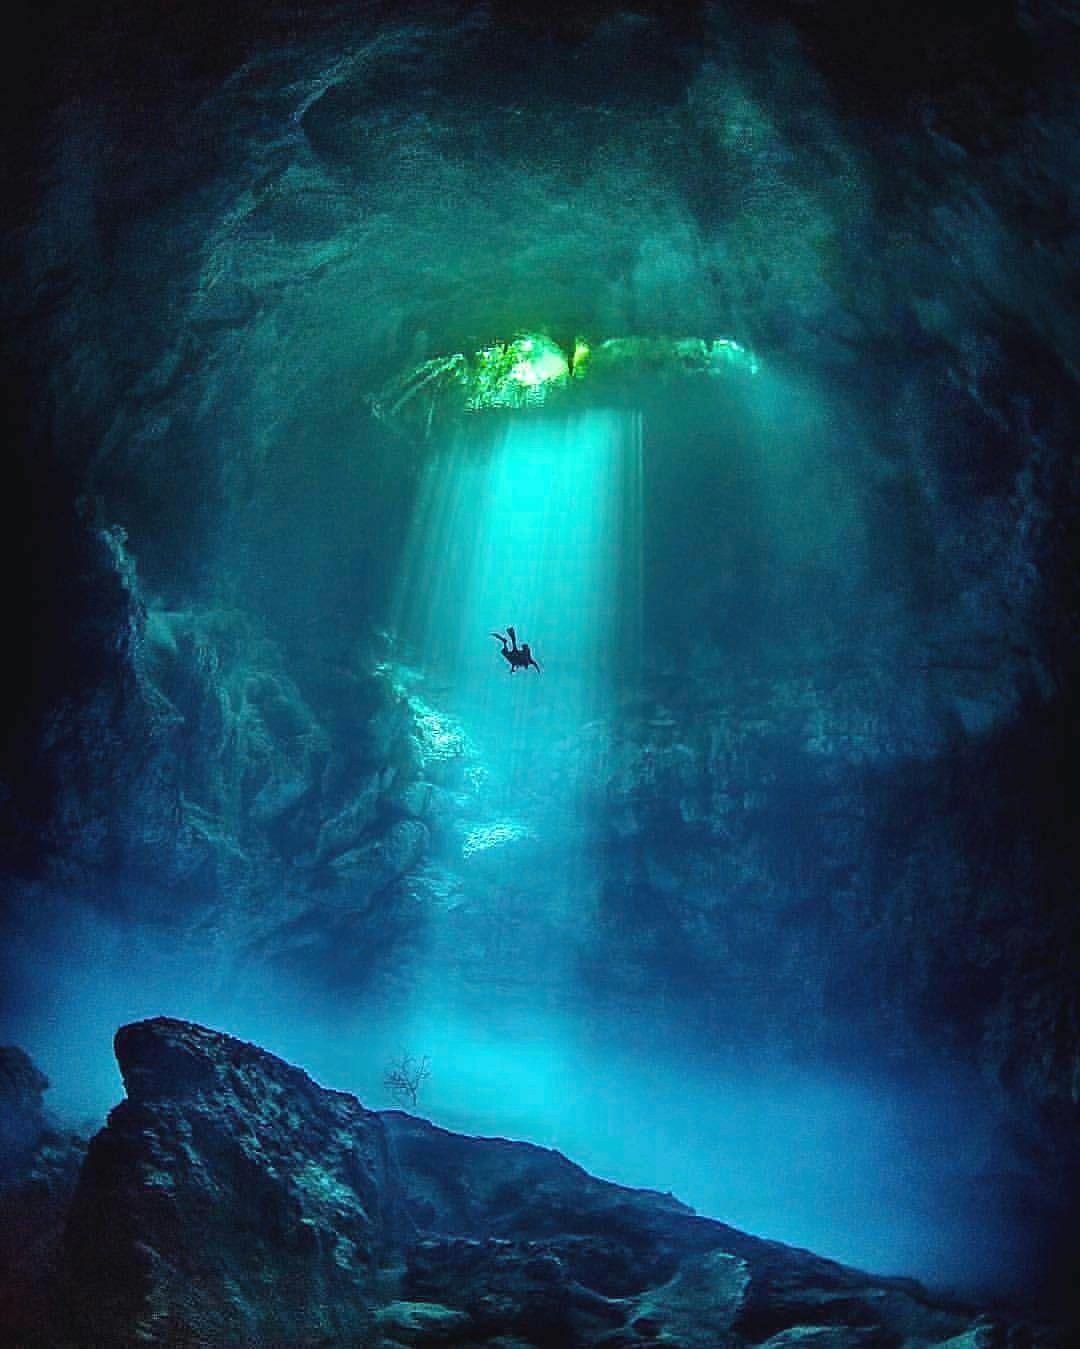 Beautiful Places Underwater: Cenote El Pit Tulum, Mexico